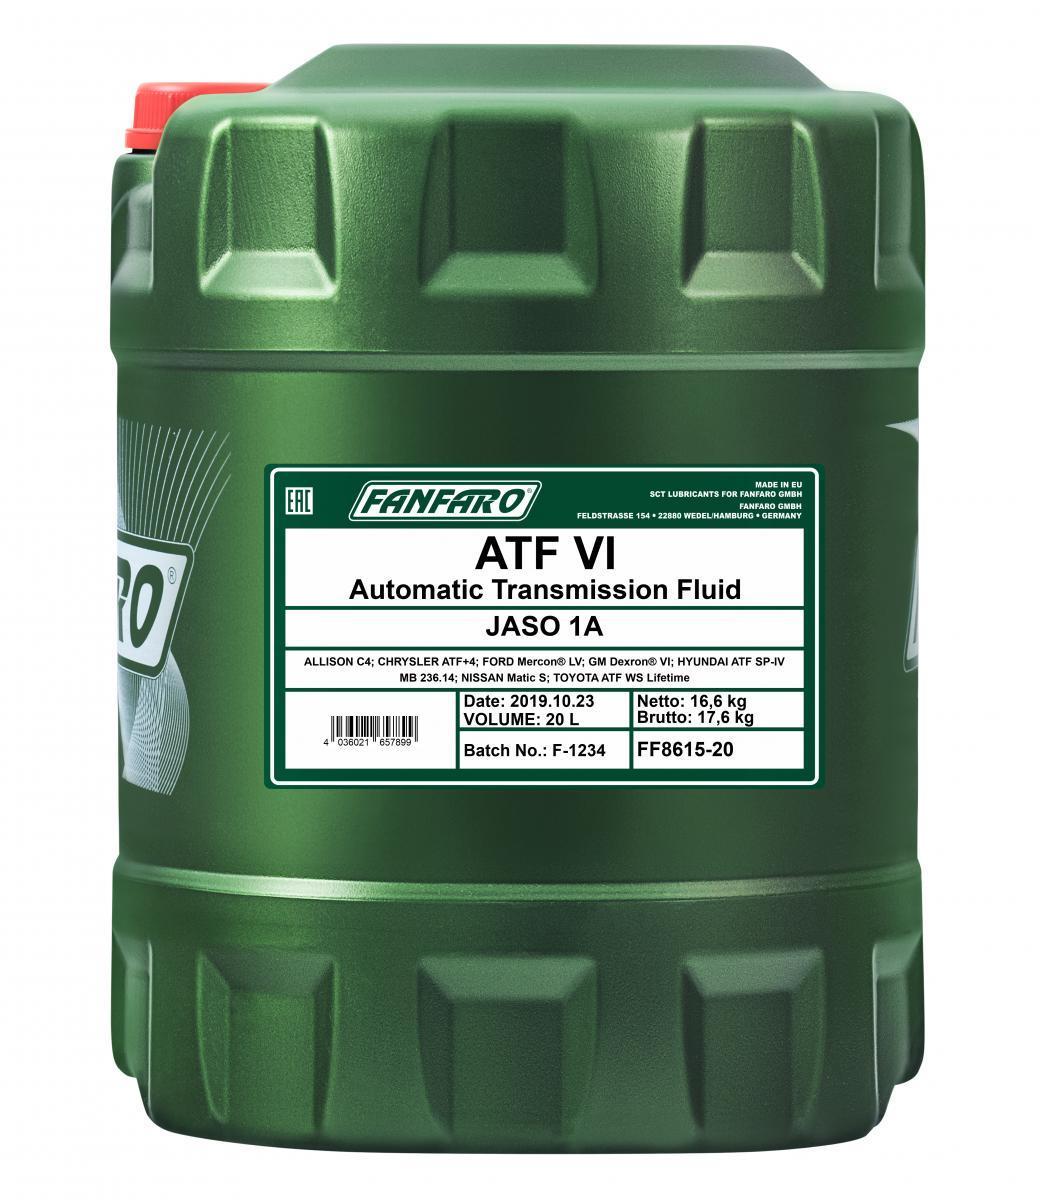 Масло за автоматична предавателна кутия FF8615-20 FANFARO — само нови детайли